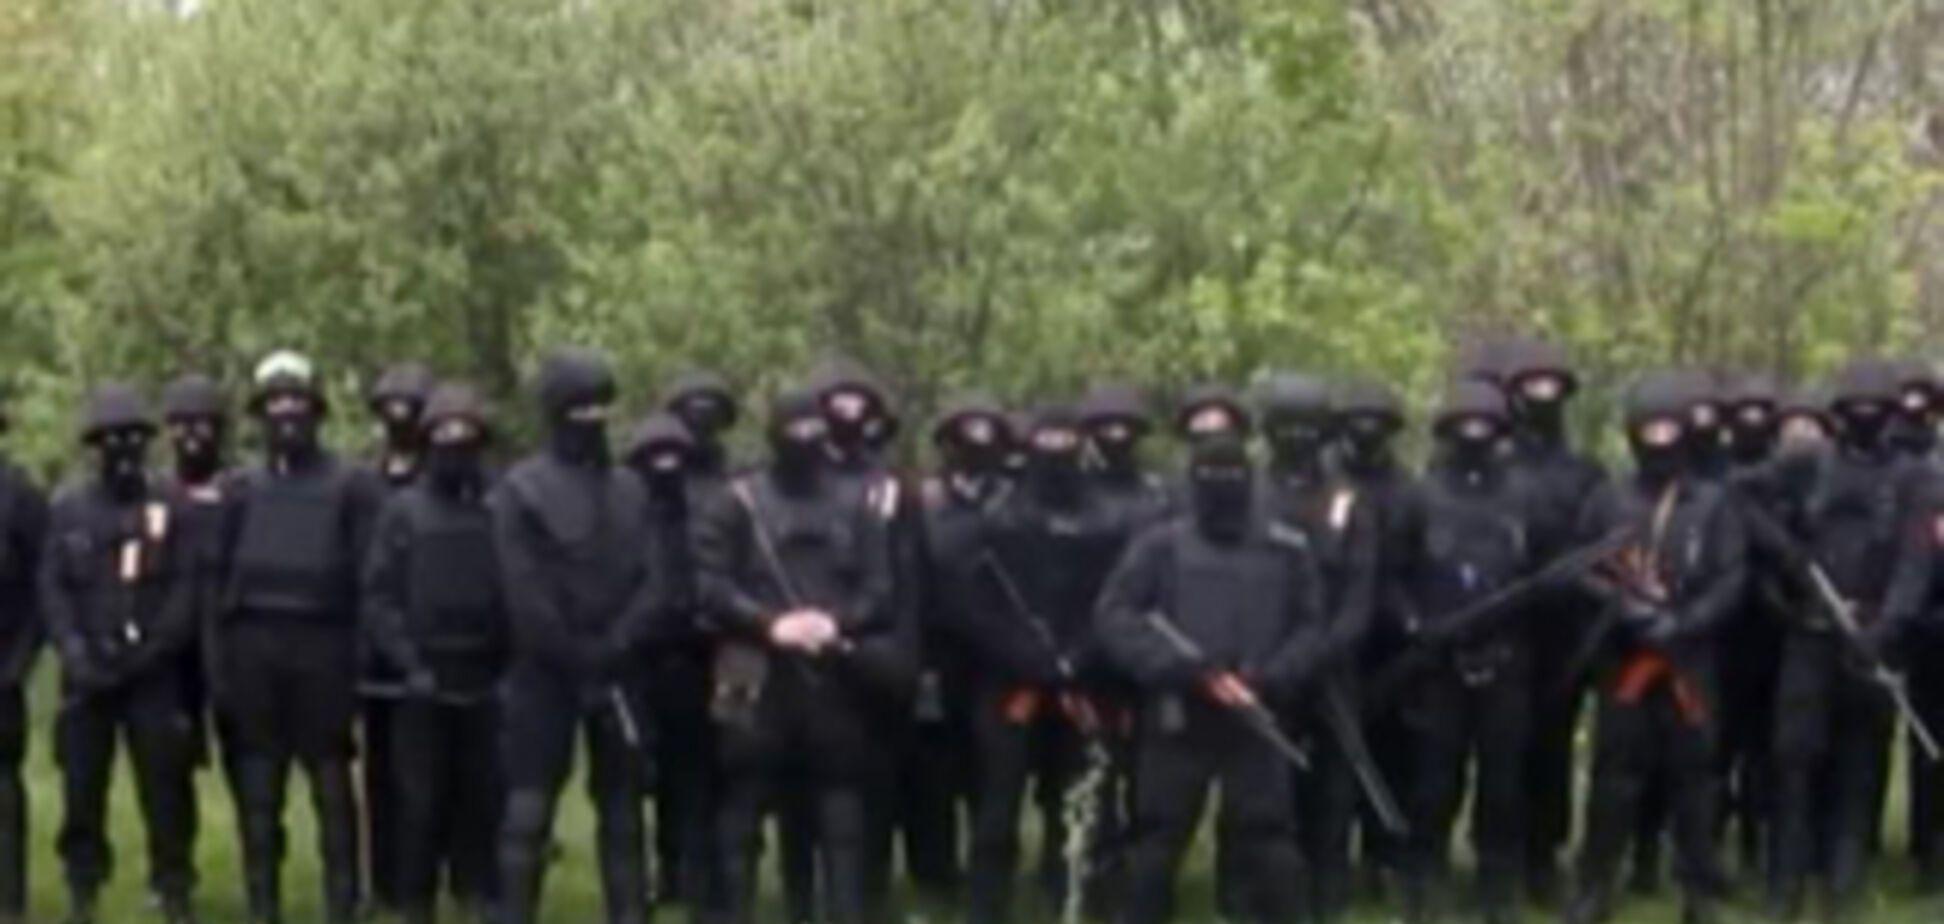 Мариуполь освободили 'черные человечки' и пленили министра обороны так называемой ДНР